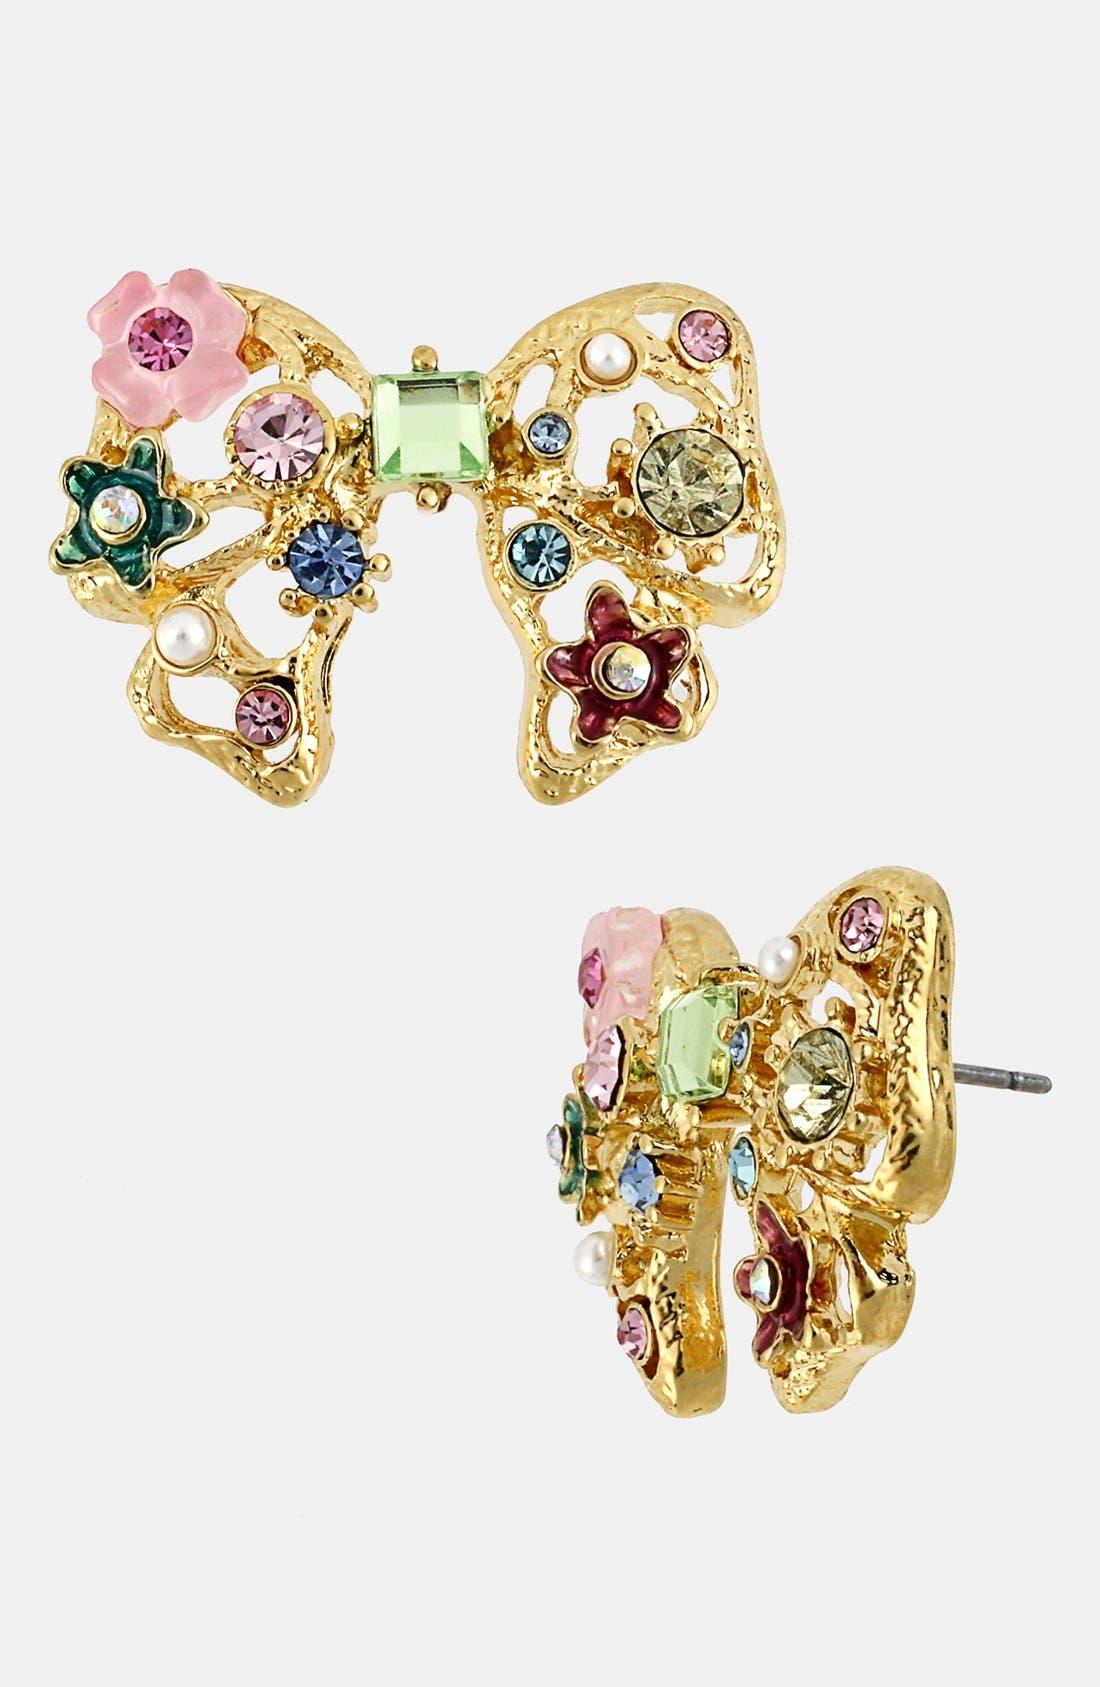 Main Image - Betsey Johnson 'Fairyland' Embellished Bow Stud Earrings